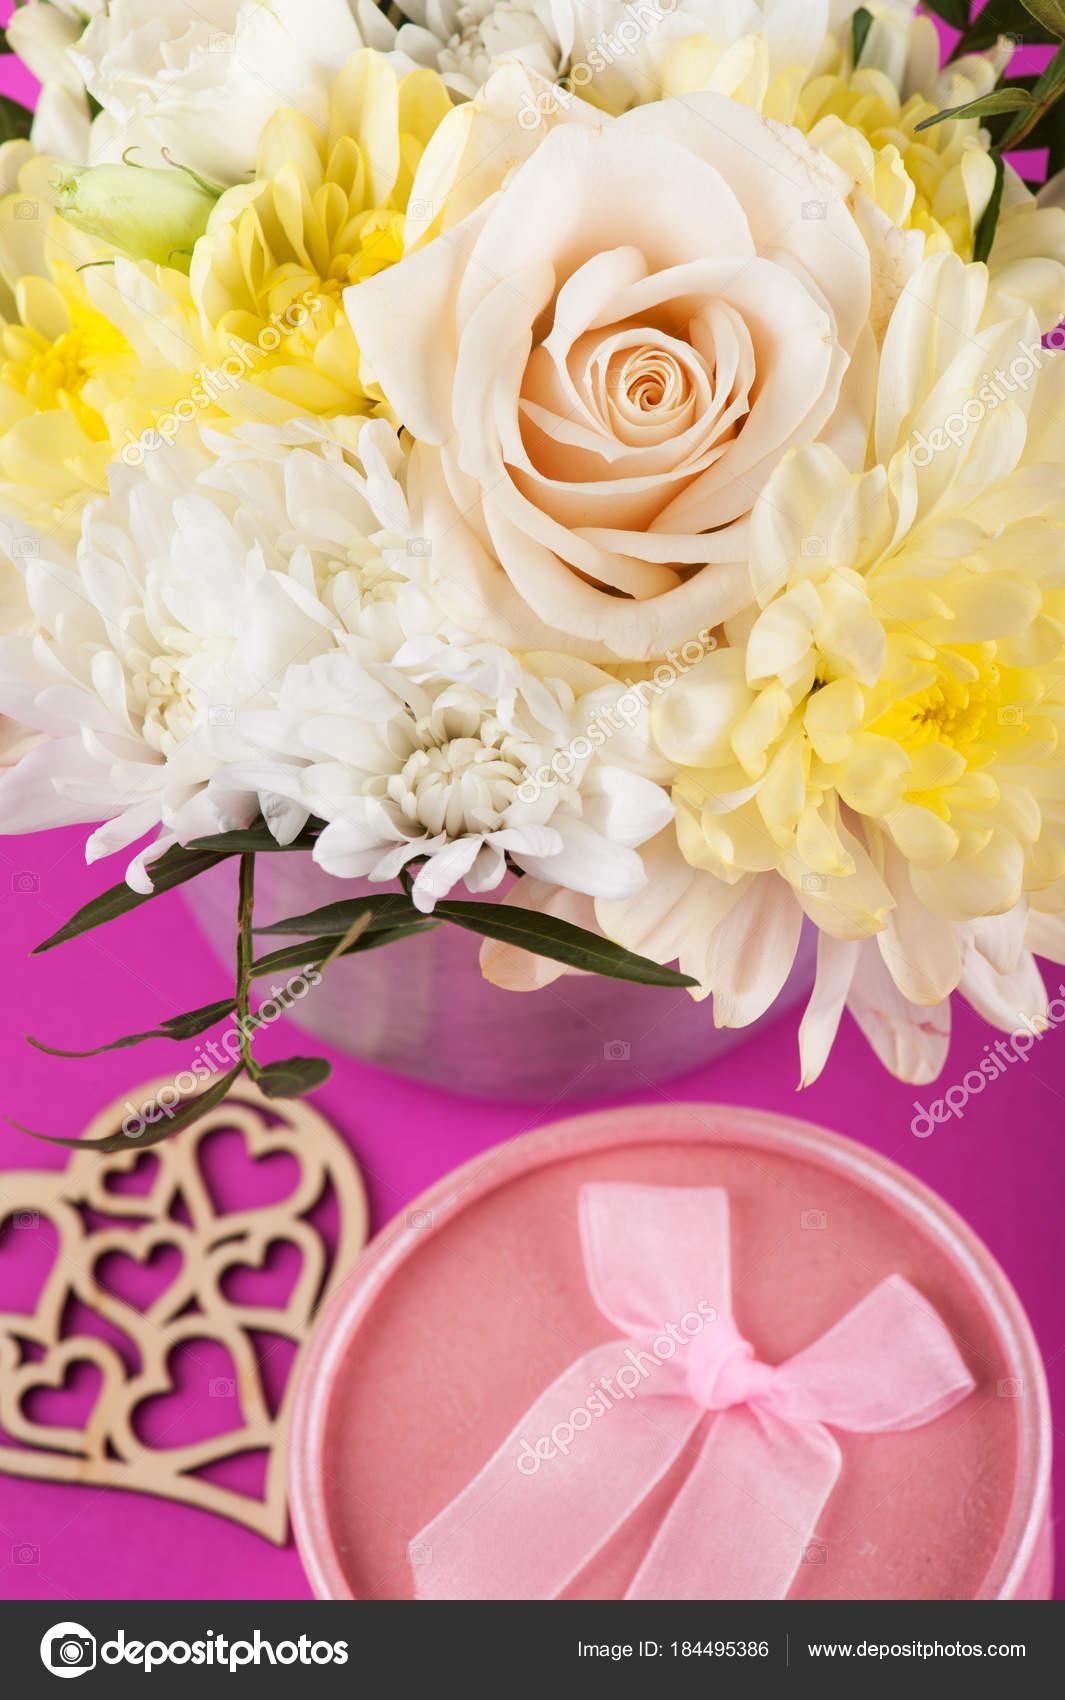 222409fa6a Sárga, rózsaszín csokor virág — Stock Fotó © irinabort #184495386